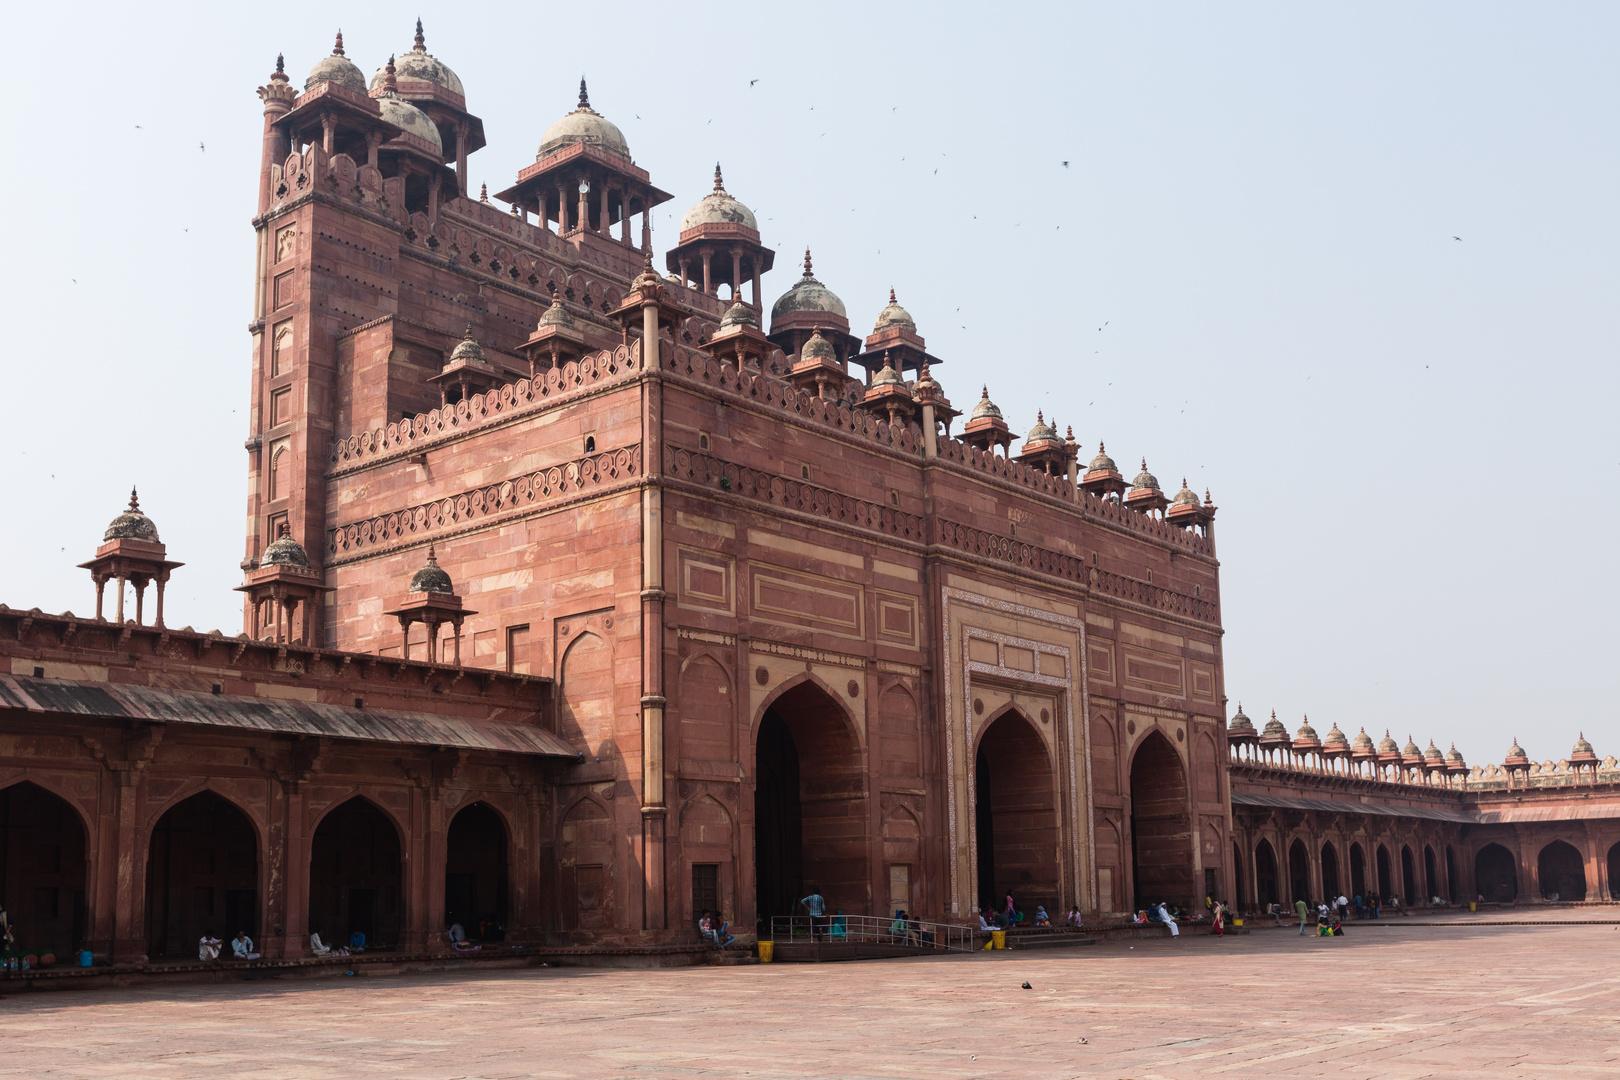 Fatehpur Sikri: Buland Dawarza, das südliche Eingangstor zur Freitagsmoschee